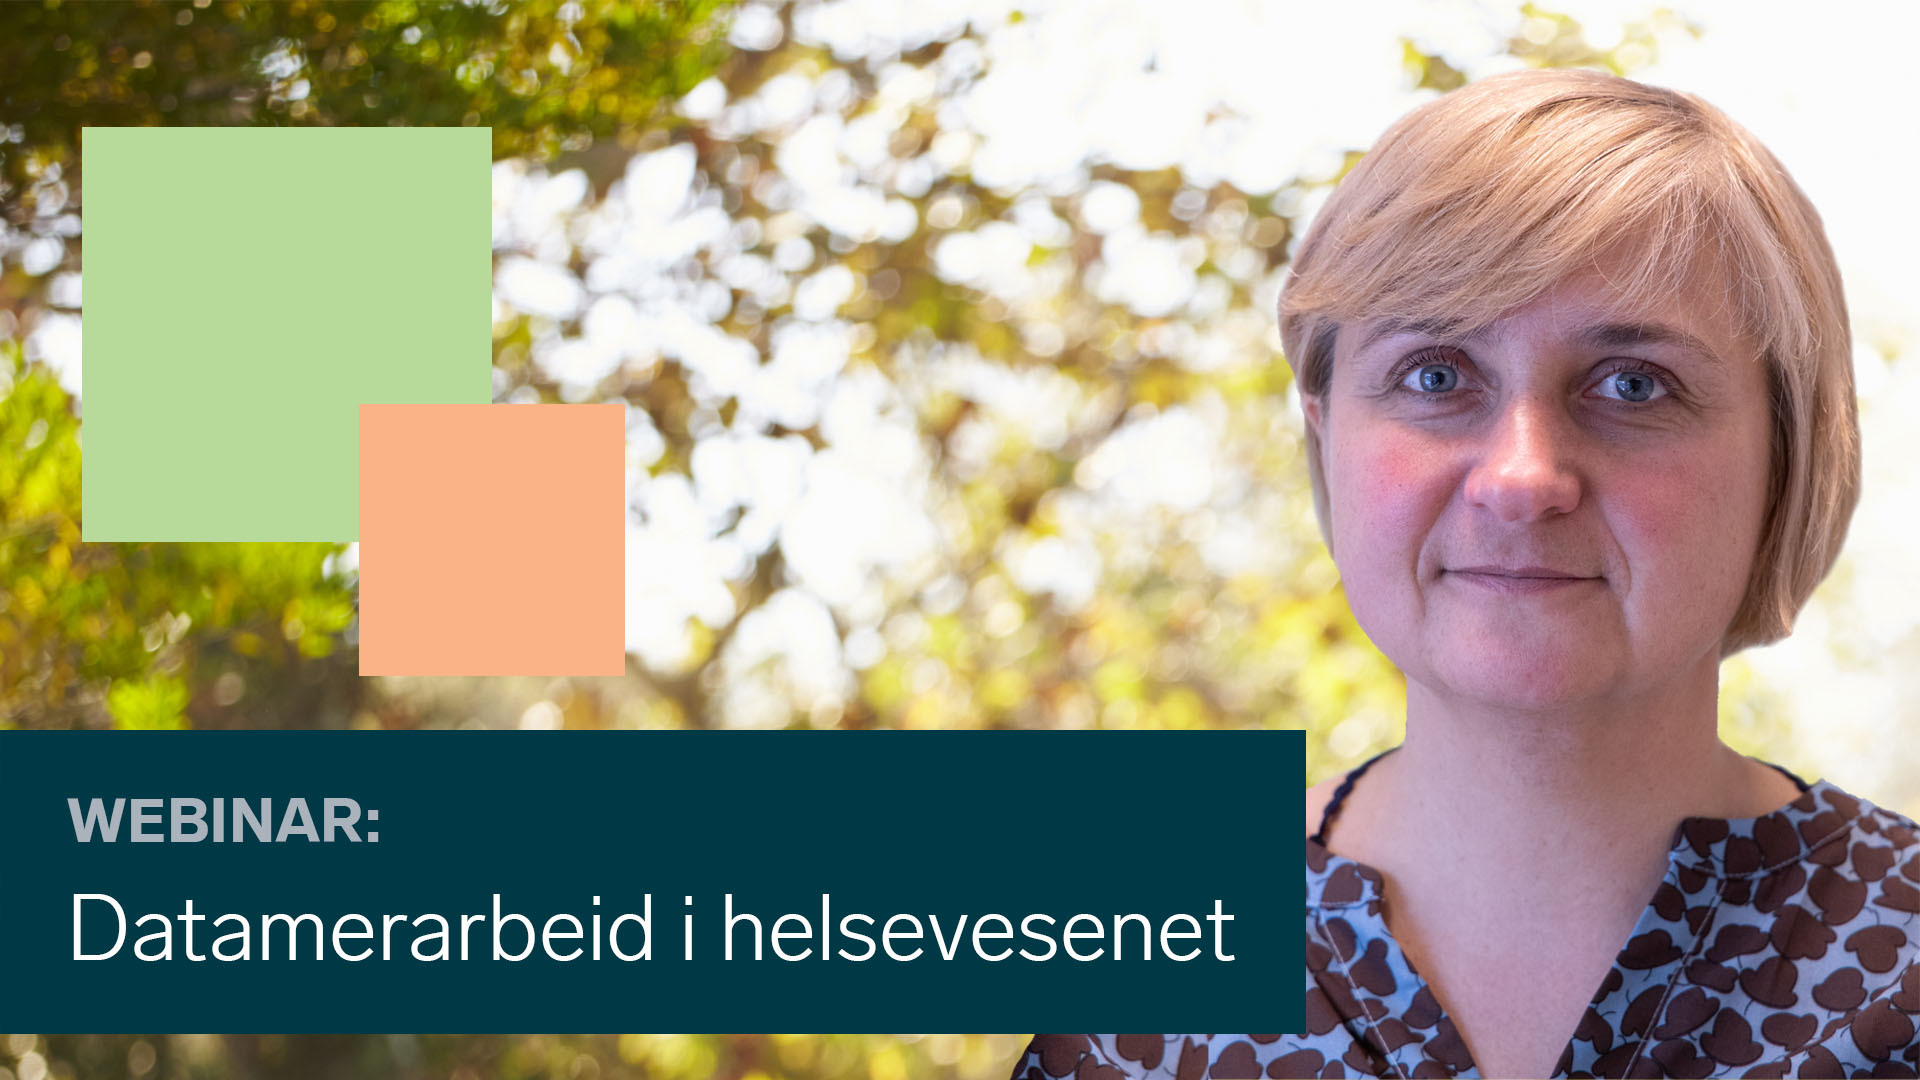 Camilla Bjørnstad tar opp utfordringer med dataintegrasjoner i helsevesenet